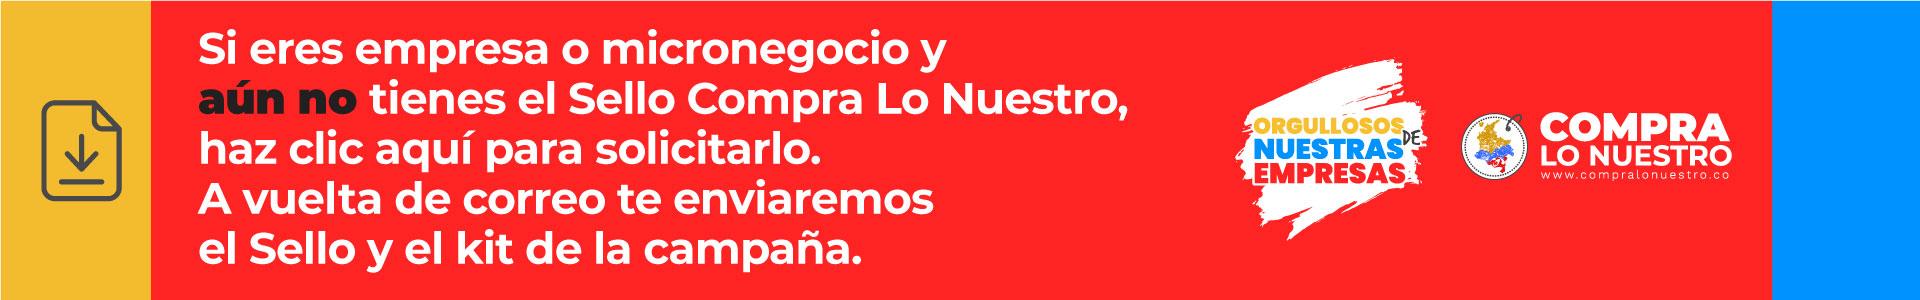 #OrgullososDeNuestrasEmpresas